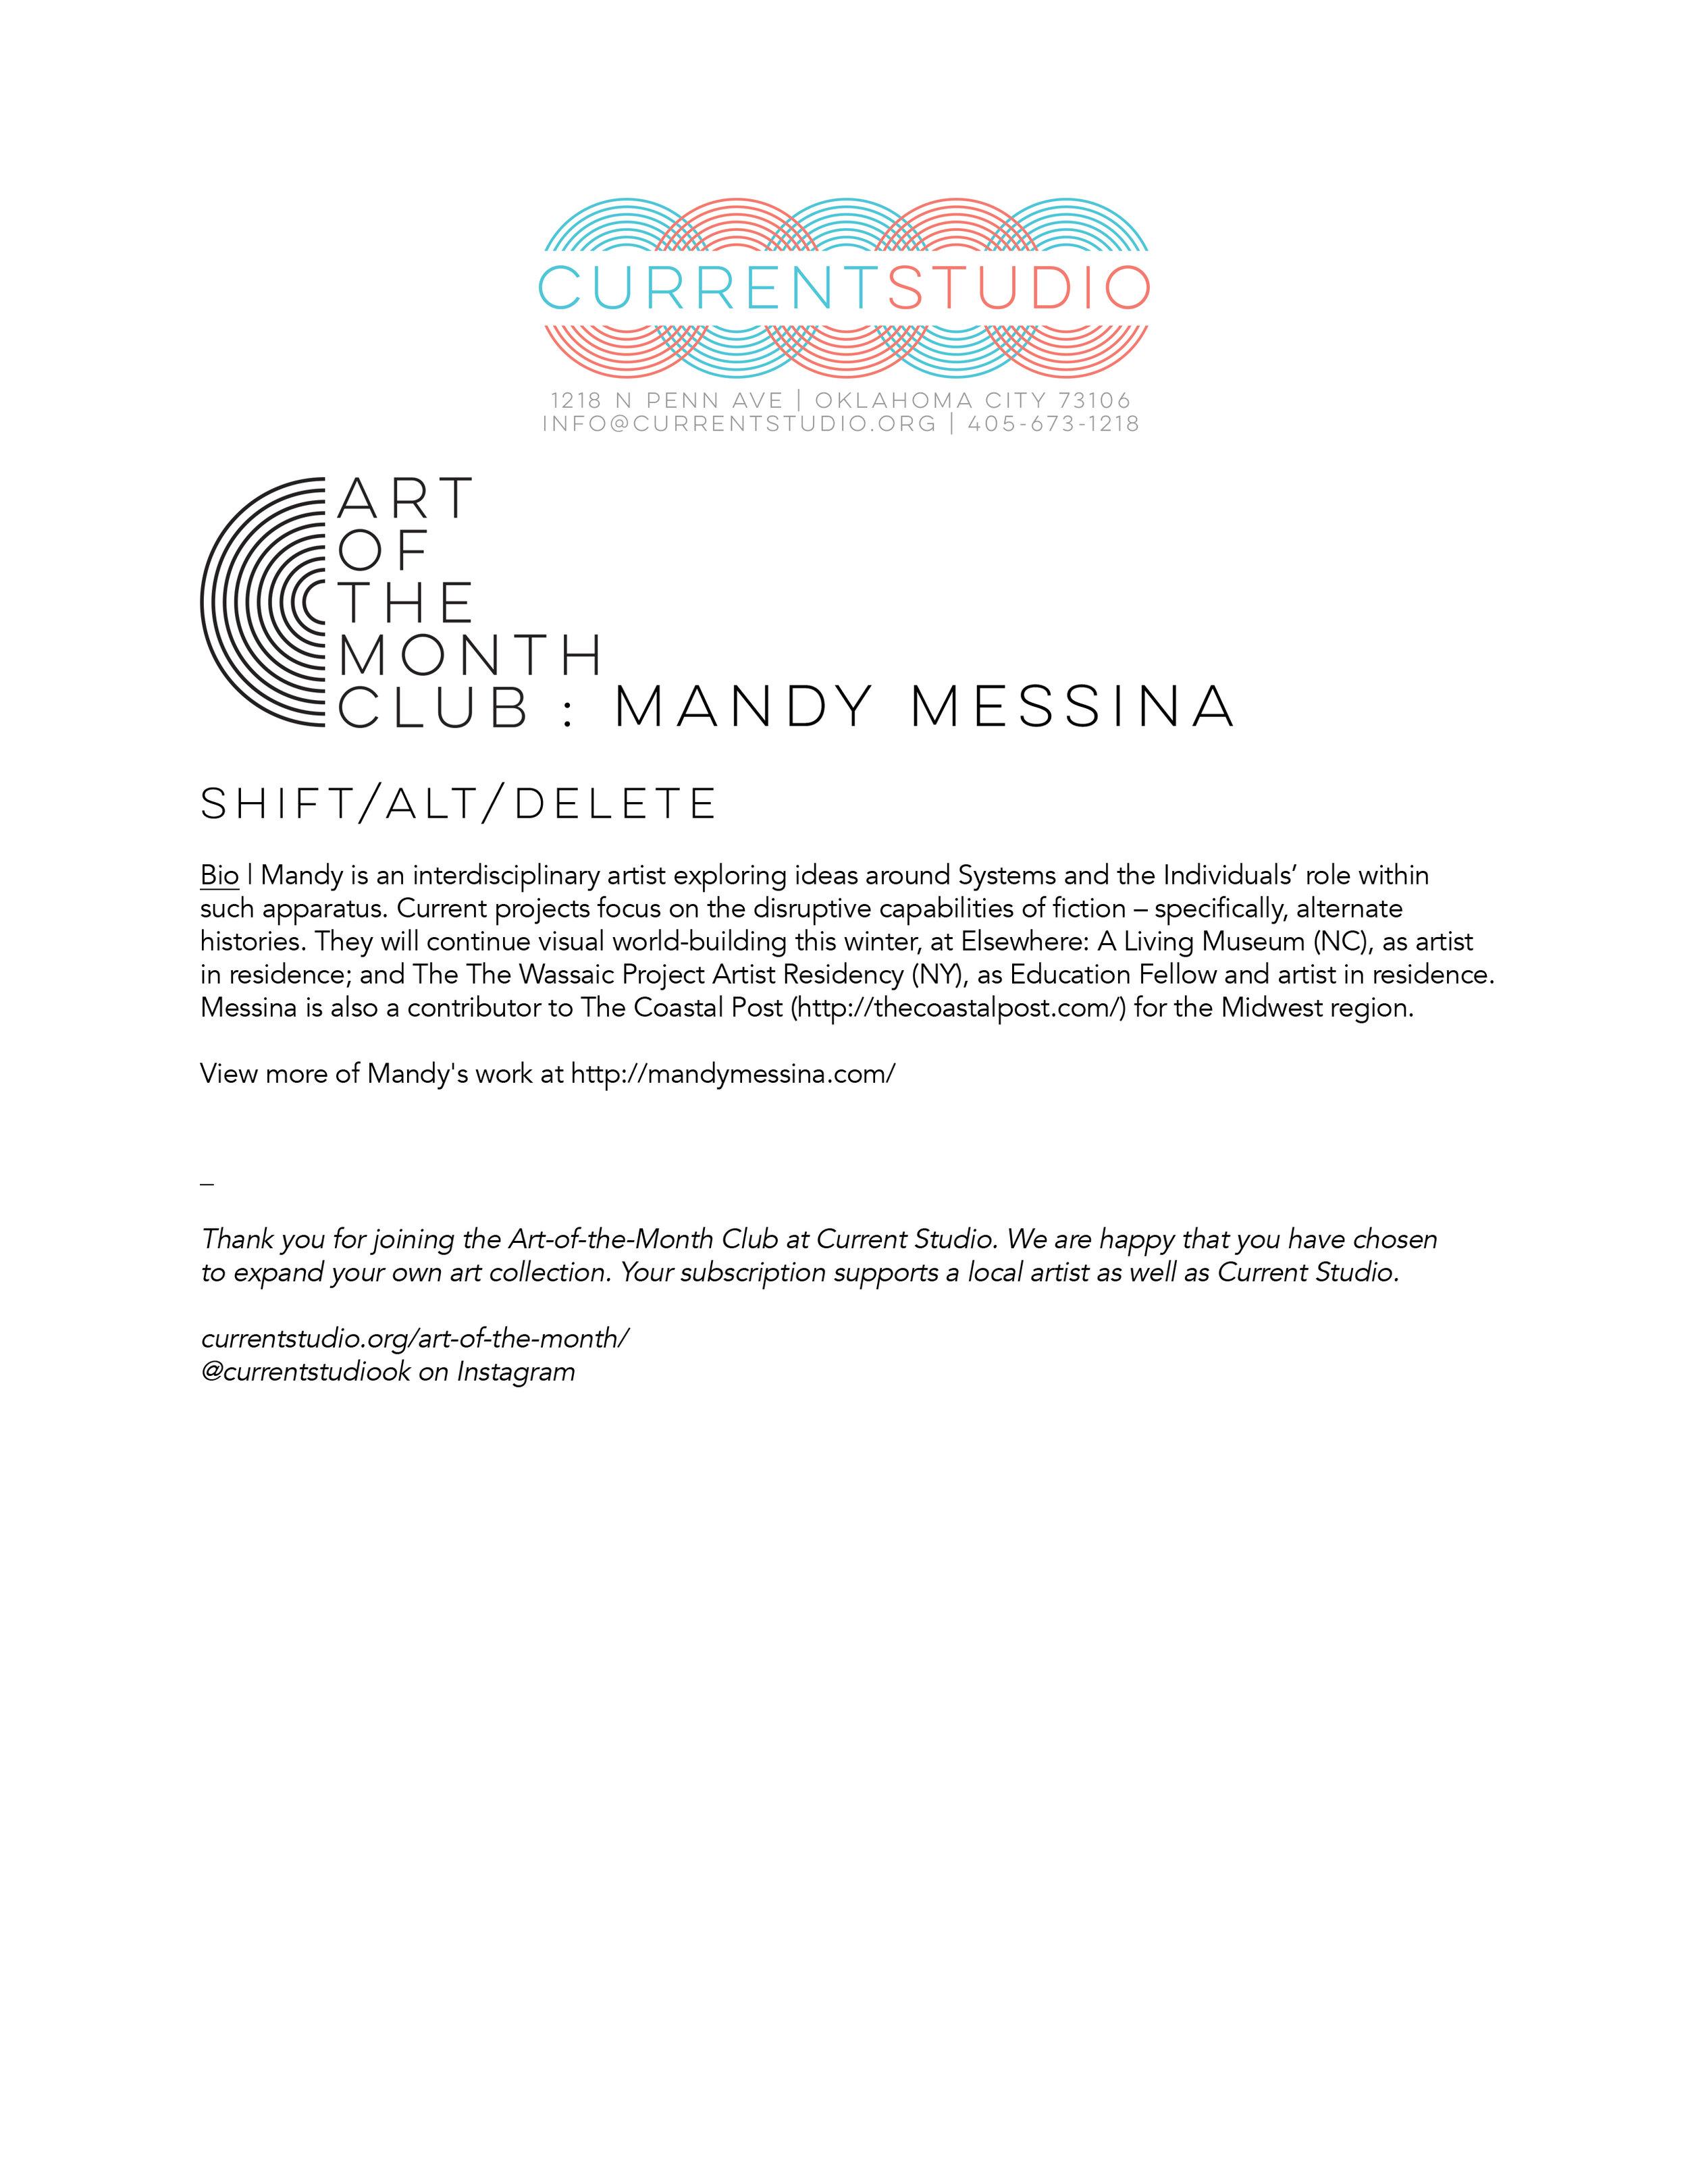 art of the month artist sheet - mandy messina.jpg